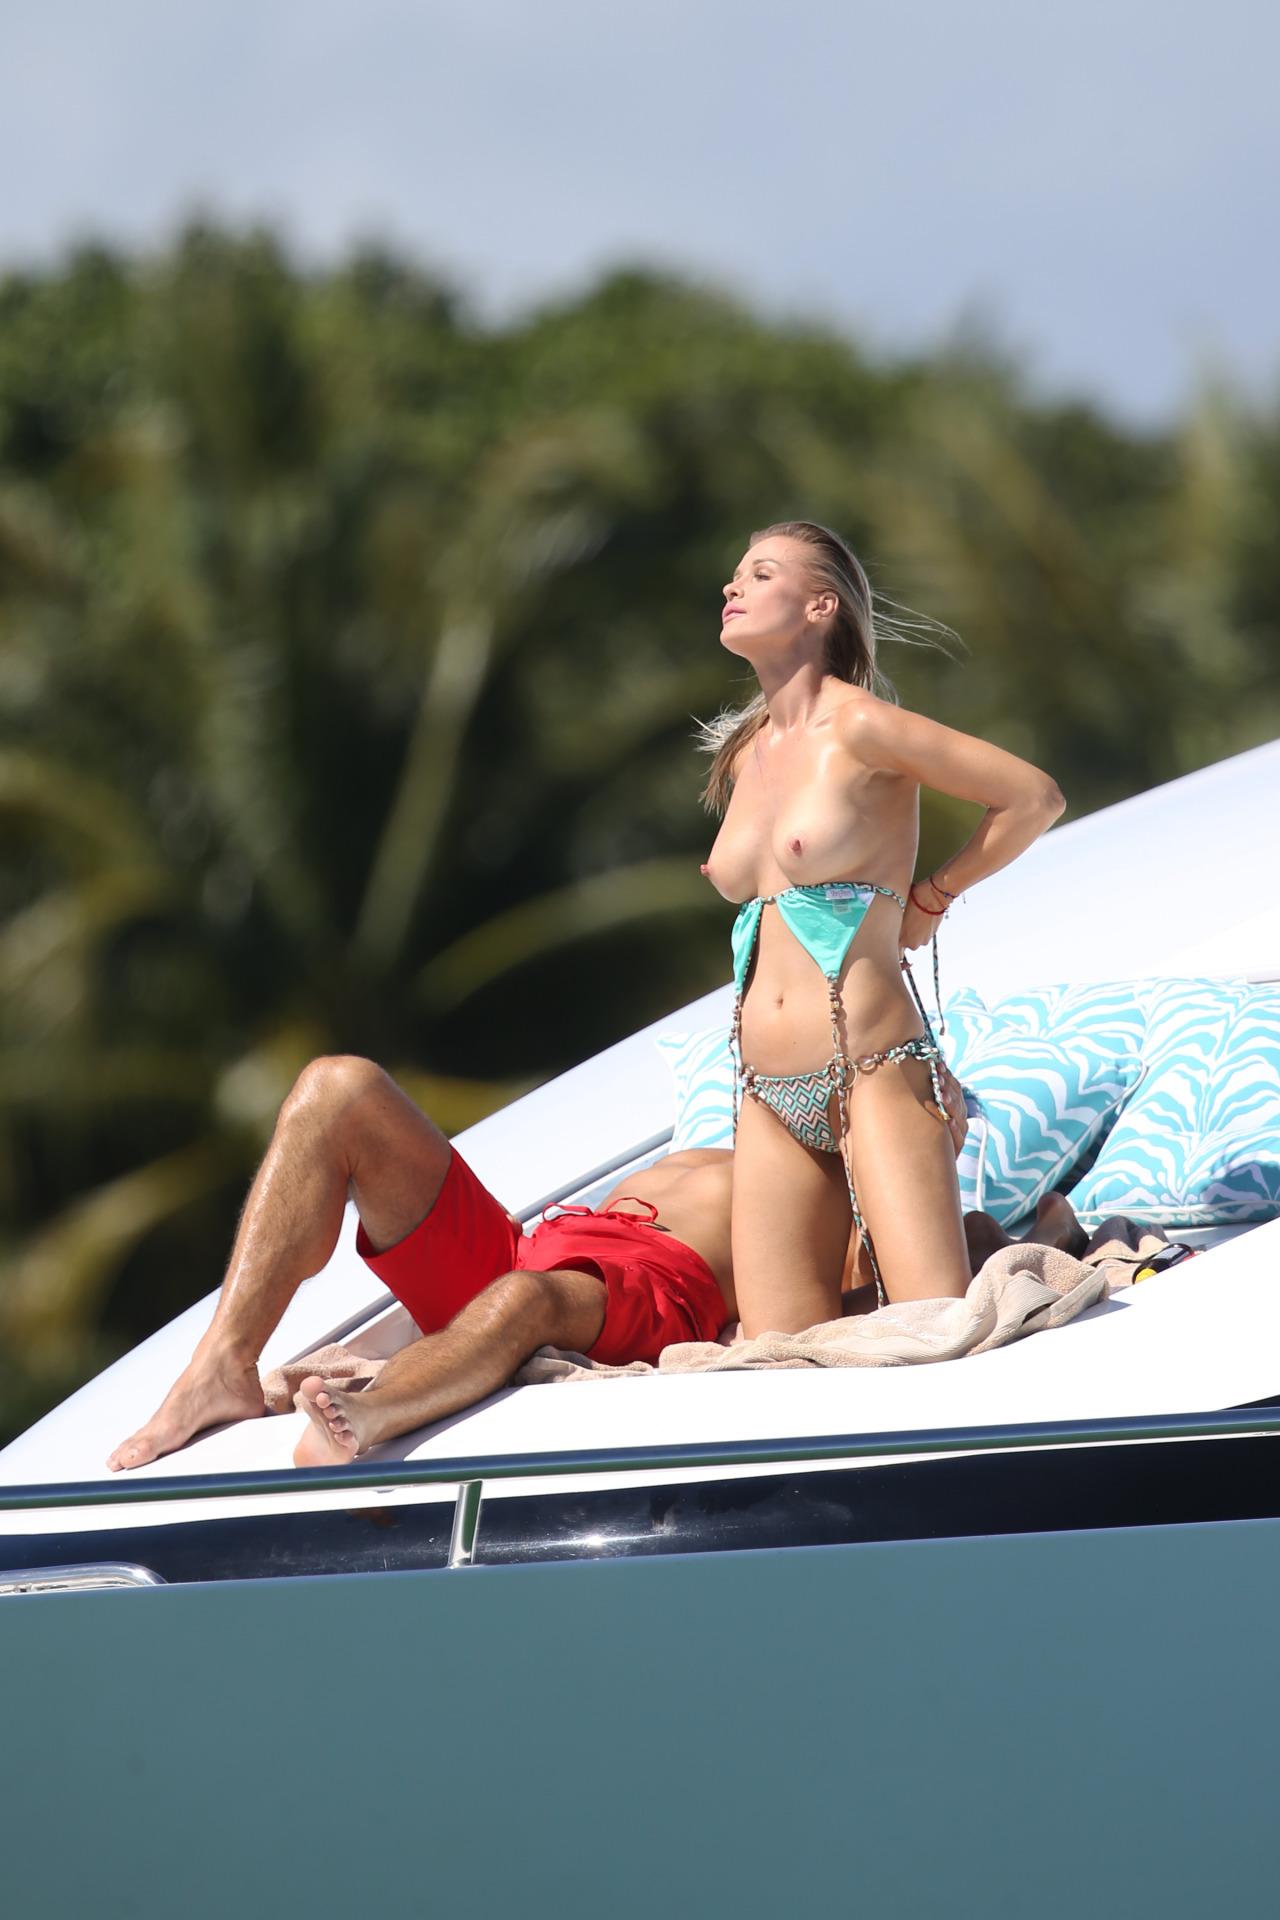 【海外エロ画像】パンツがある分安心して鑑賞w乳丸出しのトップレスビーチへ!(;´∀`)